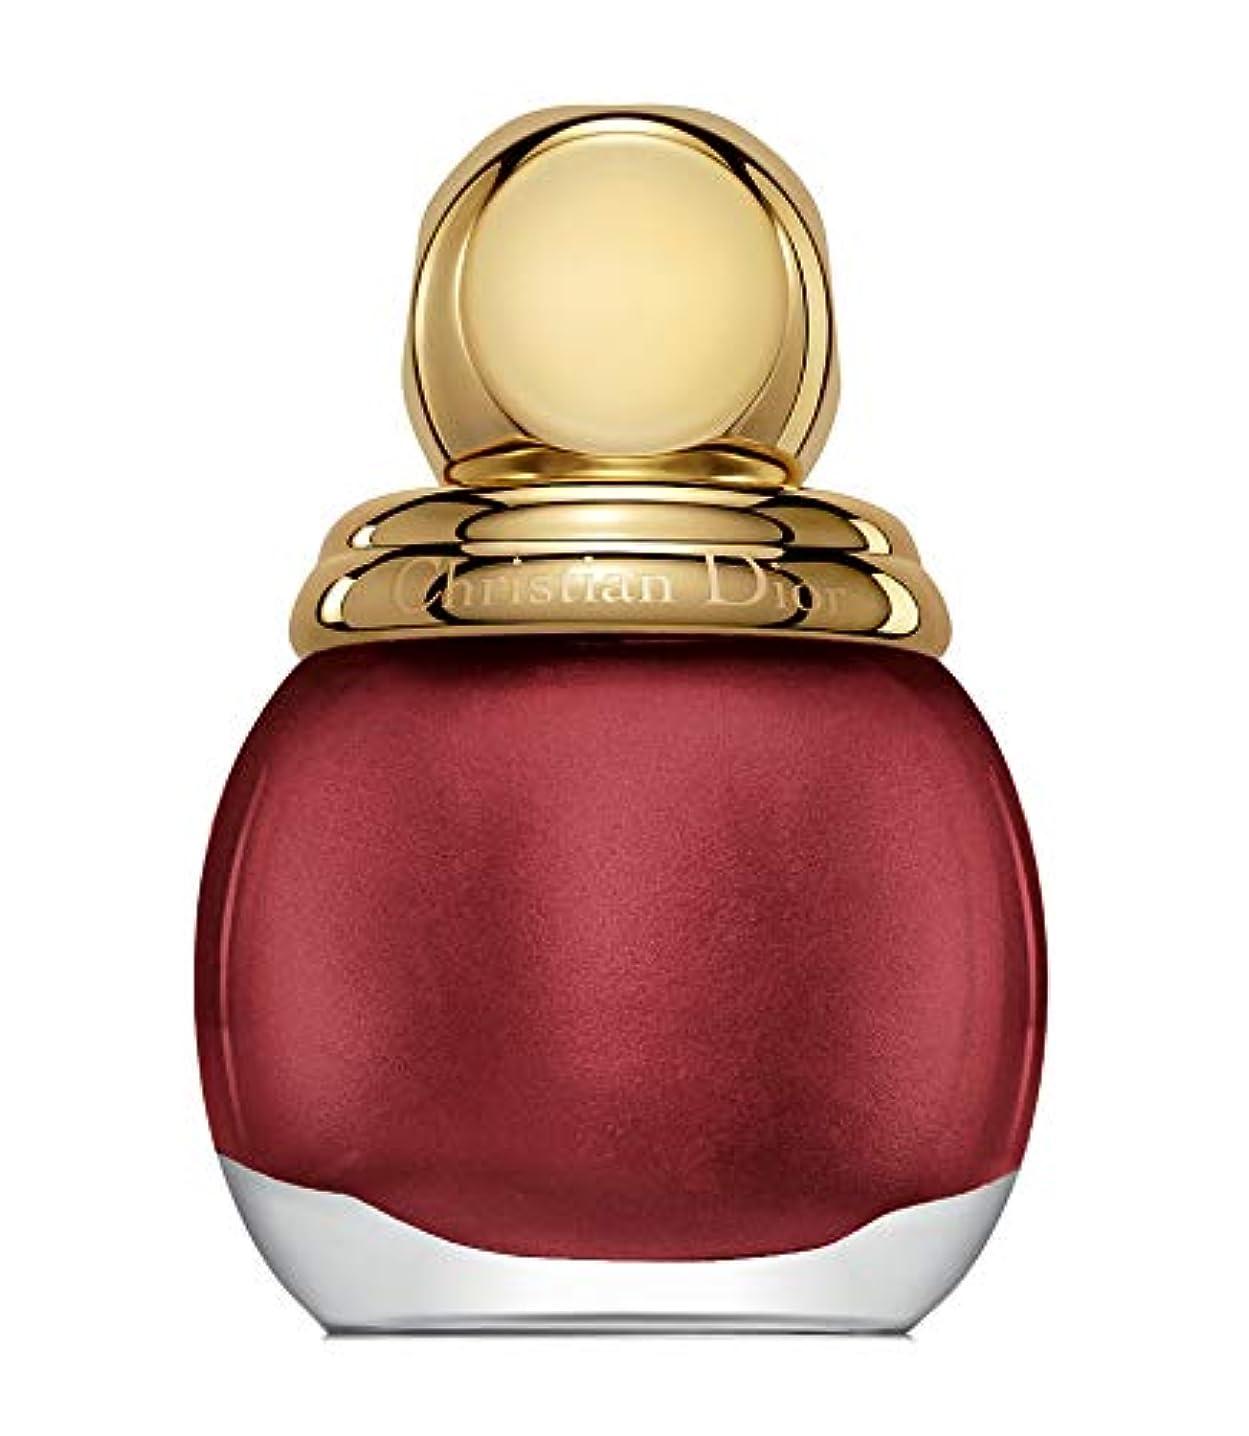 シアー合併症経済的ディオール ヴェルニ ディオリフィック #760 トリオンフ 限定 Dior ネイル ネイルカラー